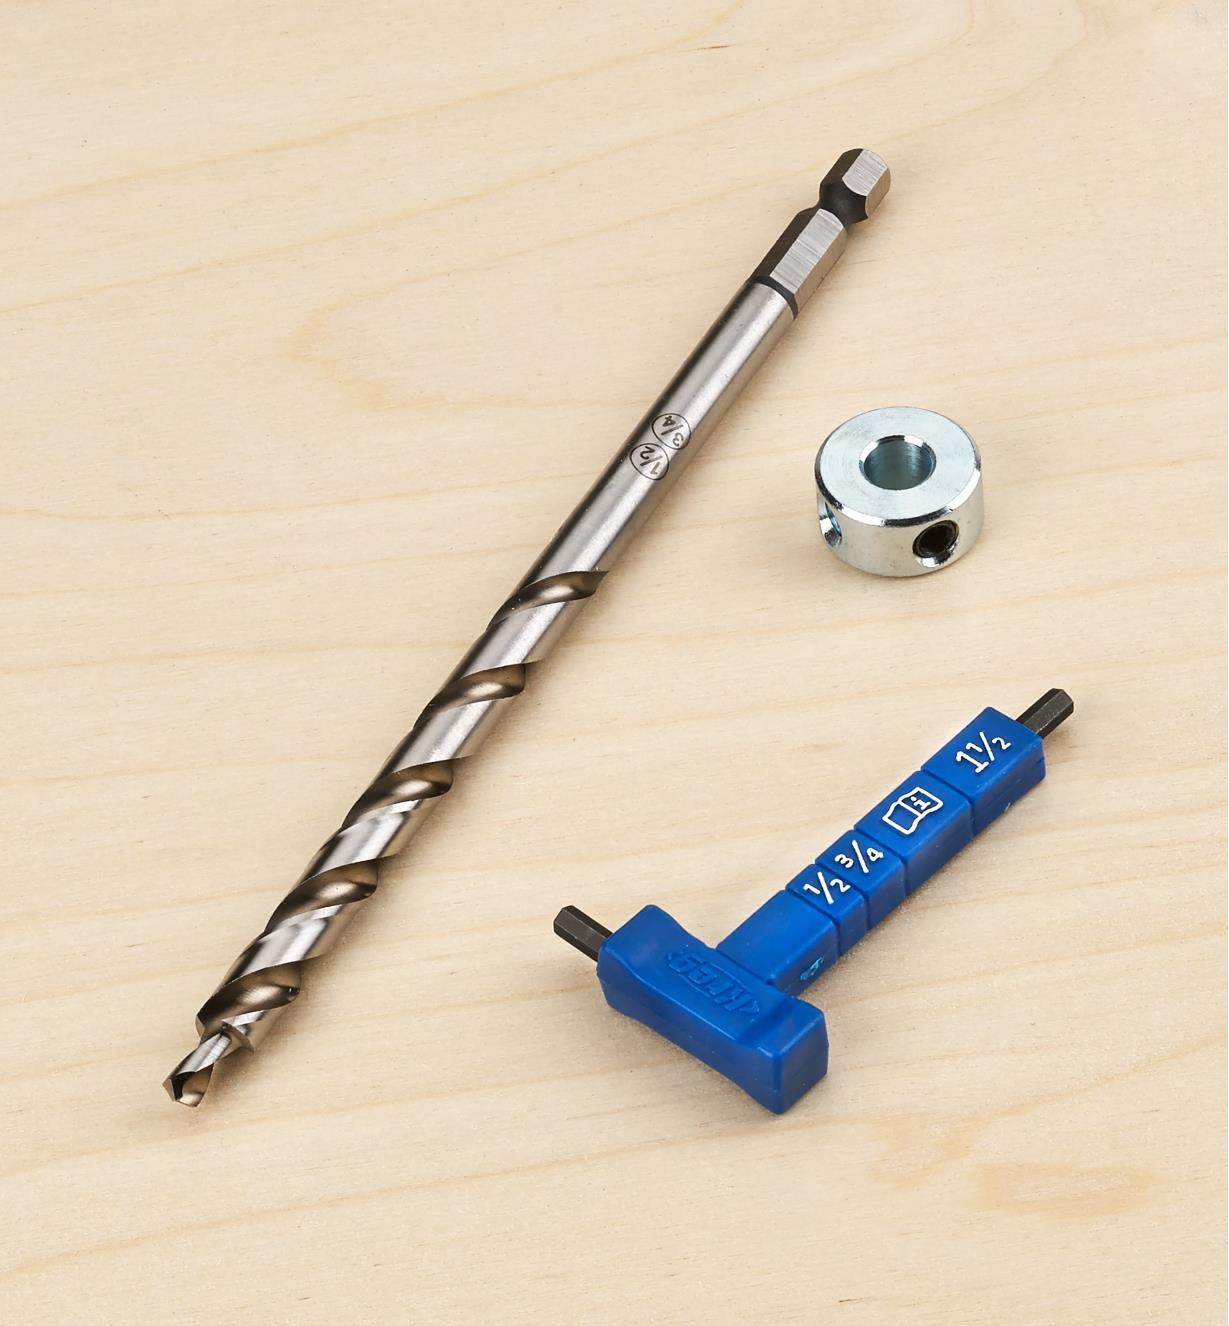 25K6198 - Kreg Micro-Pocket Drill Bit